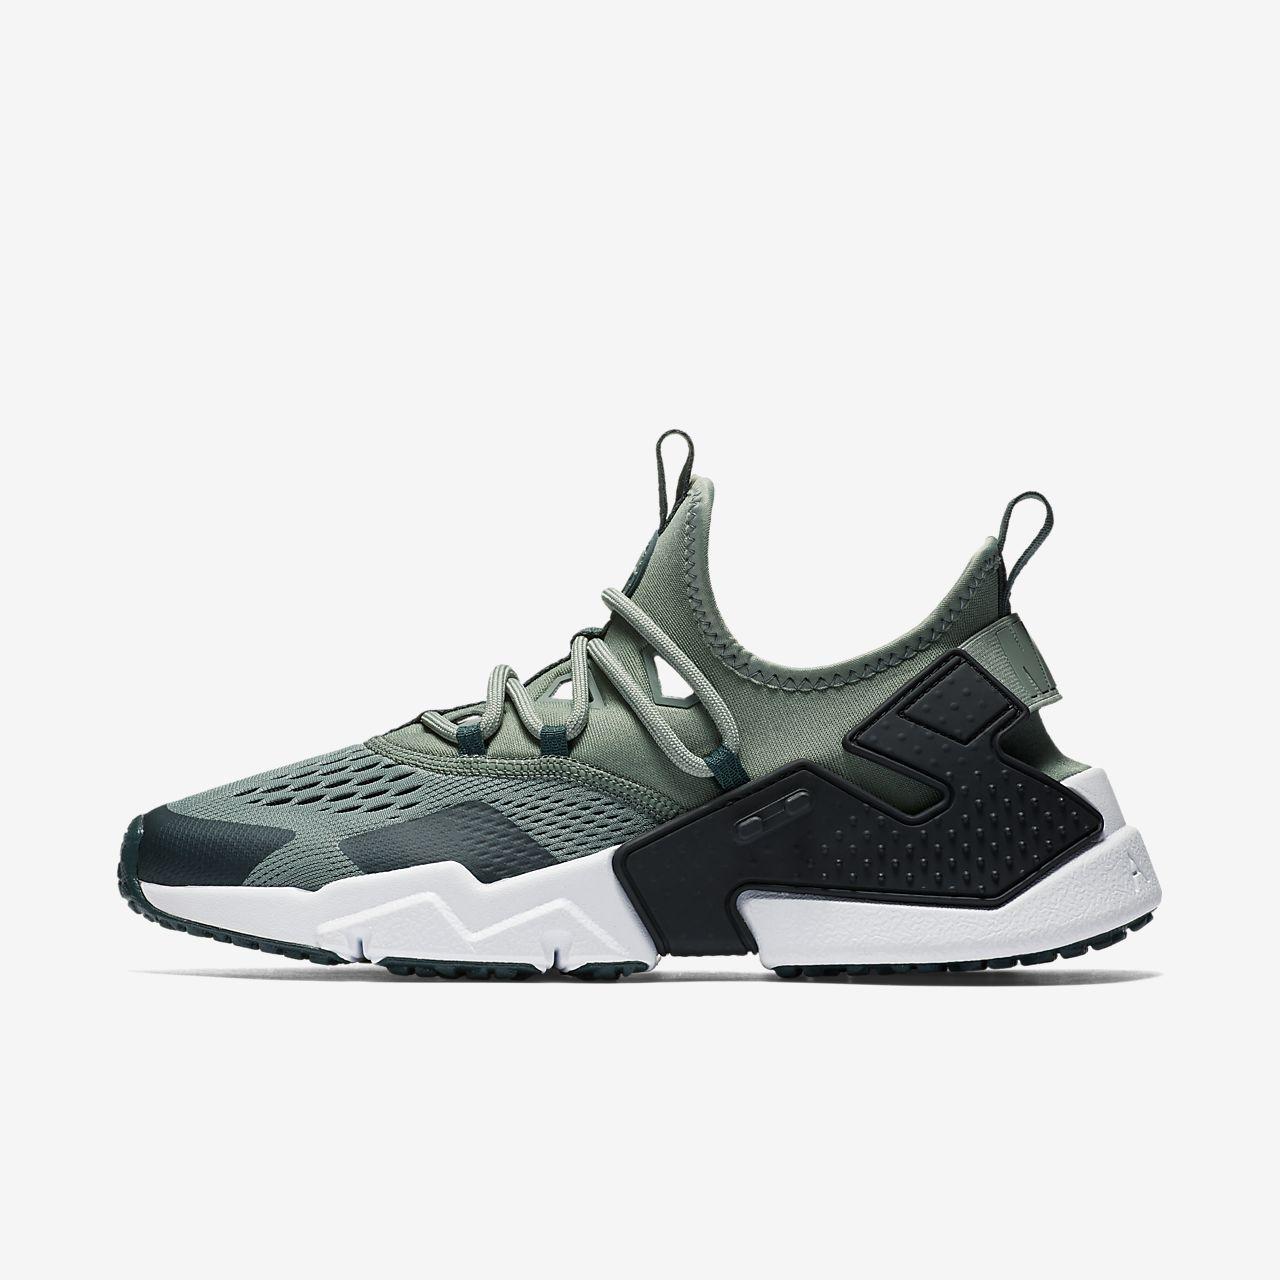 Huarache Air Ultra Fonctionner - Chaussures - Bas-tops Et Baskets Nike 7ITgu5mTP